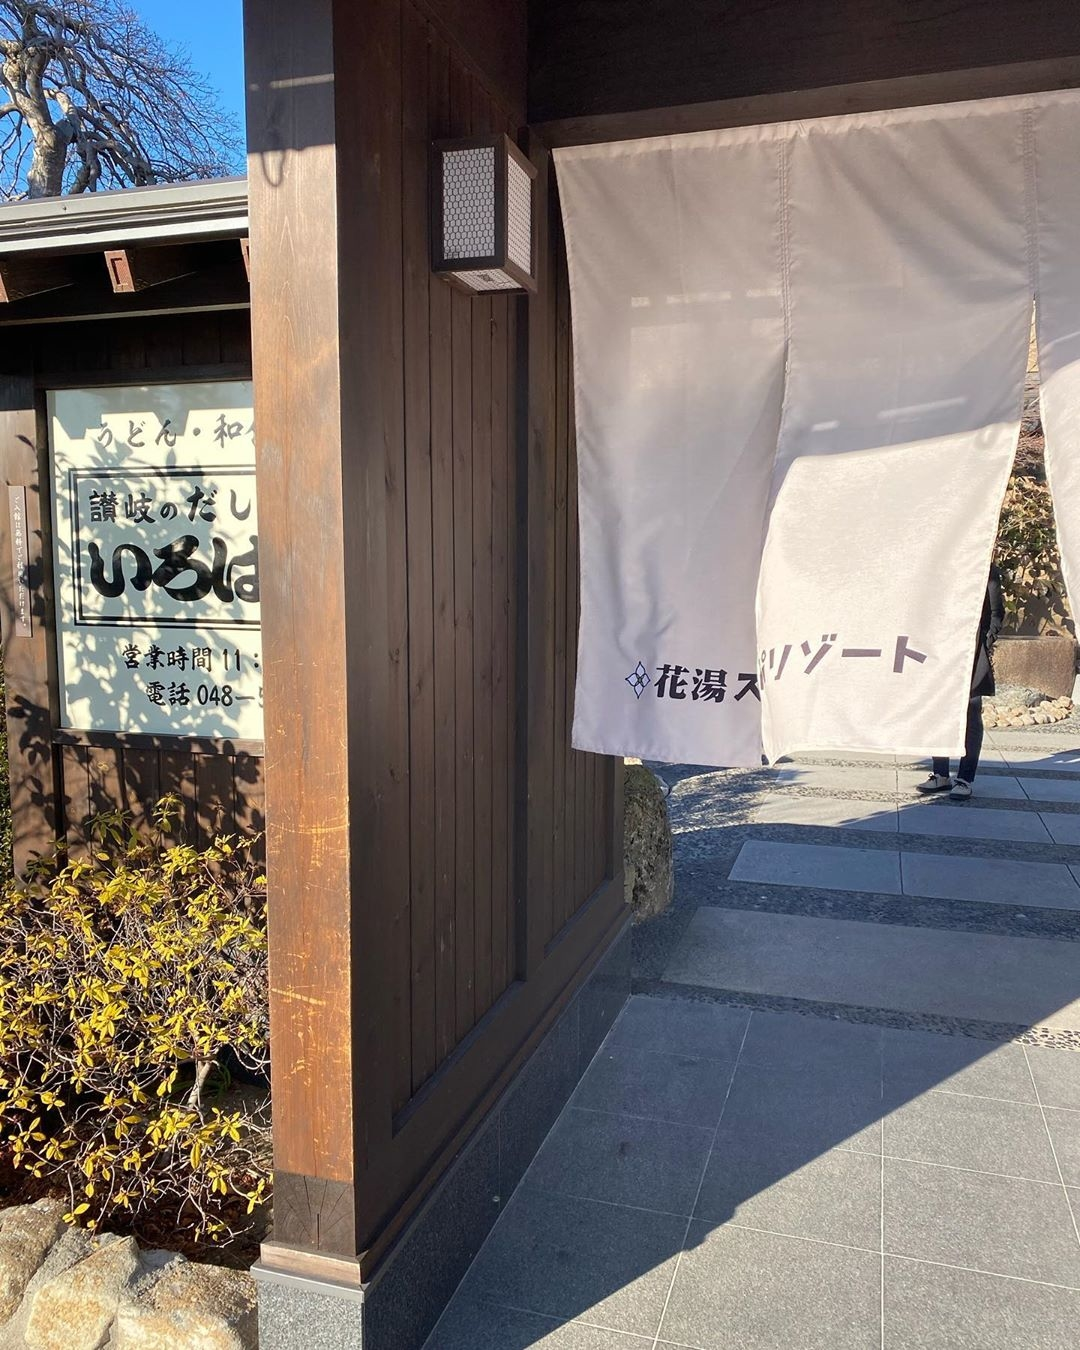 :花湯スパリゾート:埼玉県熊谷市